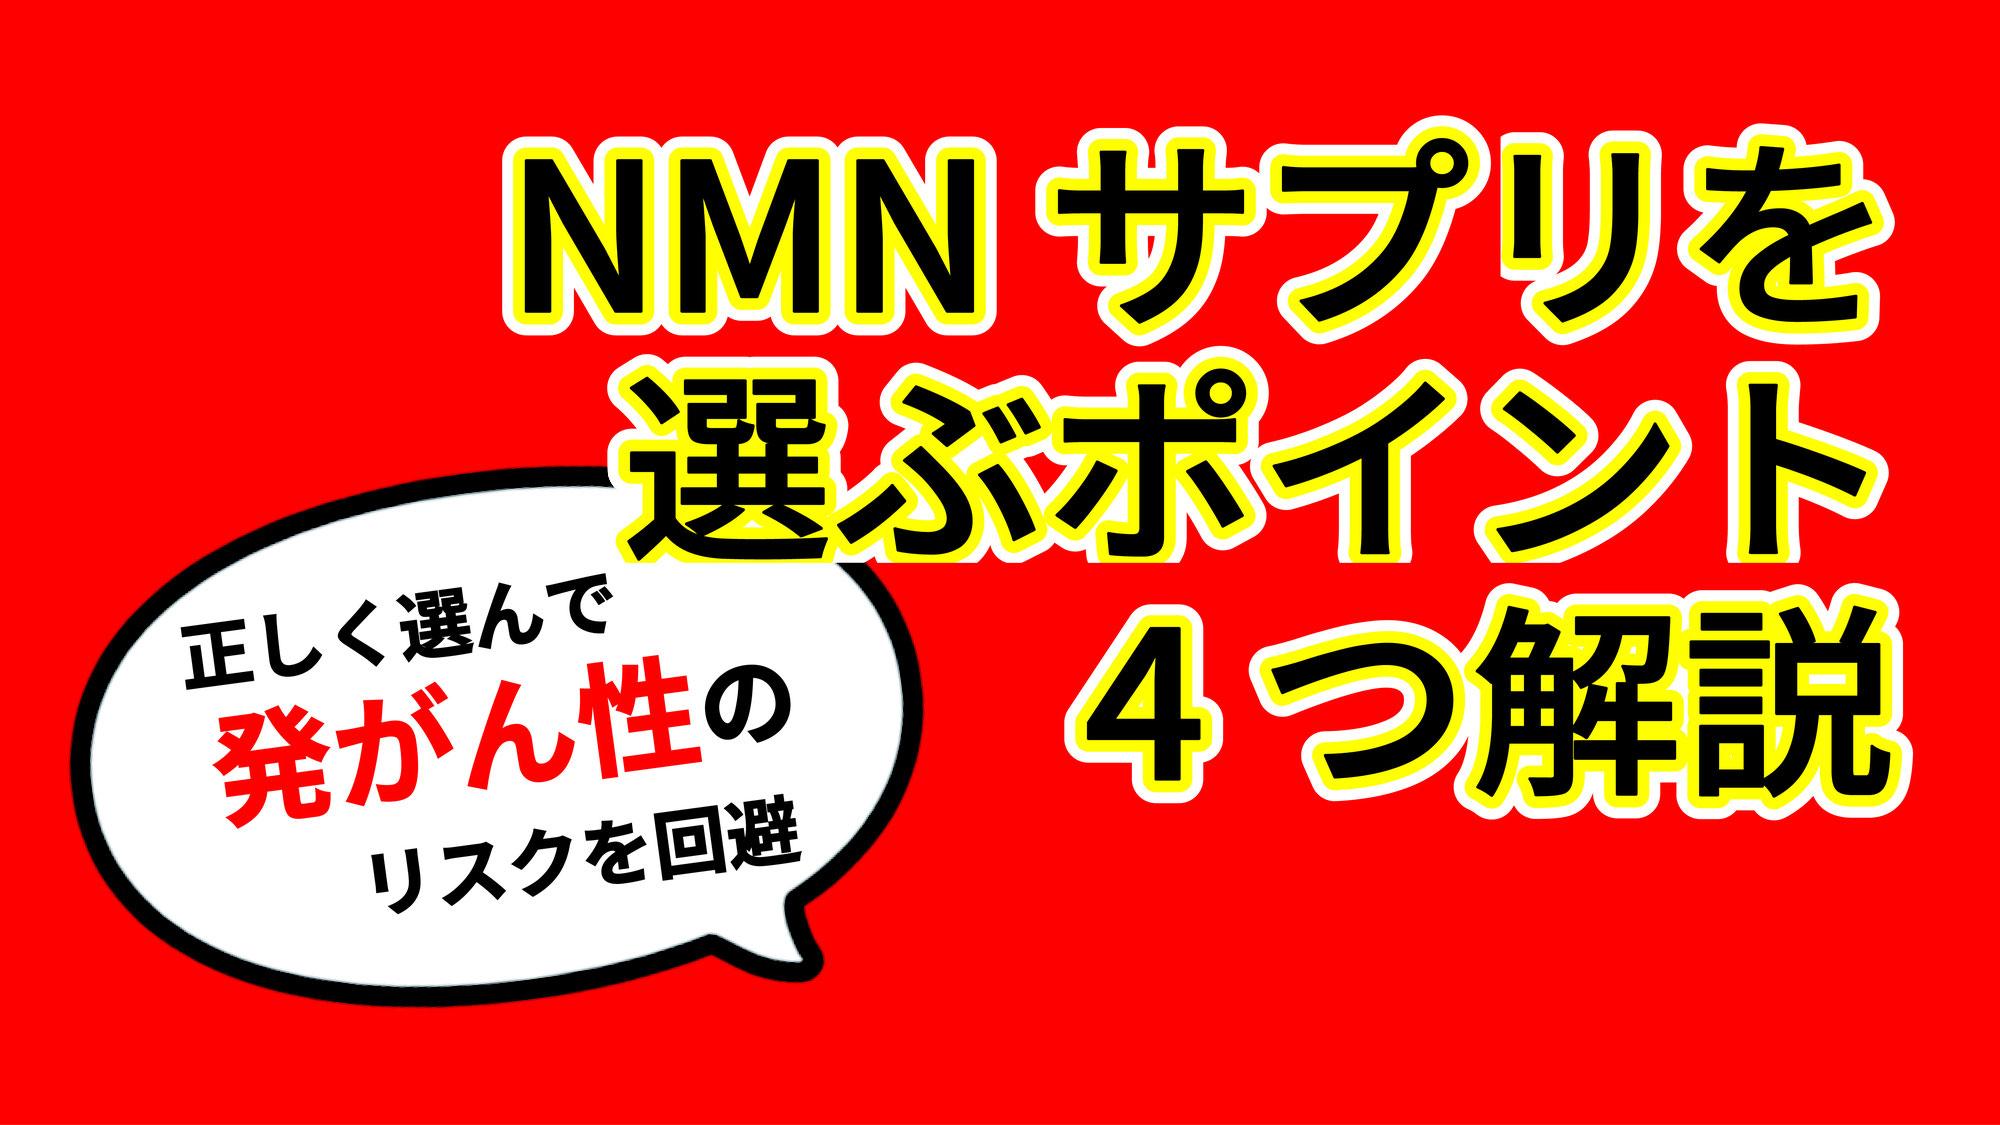 NMNサプリってどれを選んだらいいの?重要なポイント4つ解説のYouTubeアップしました